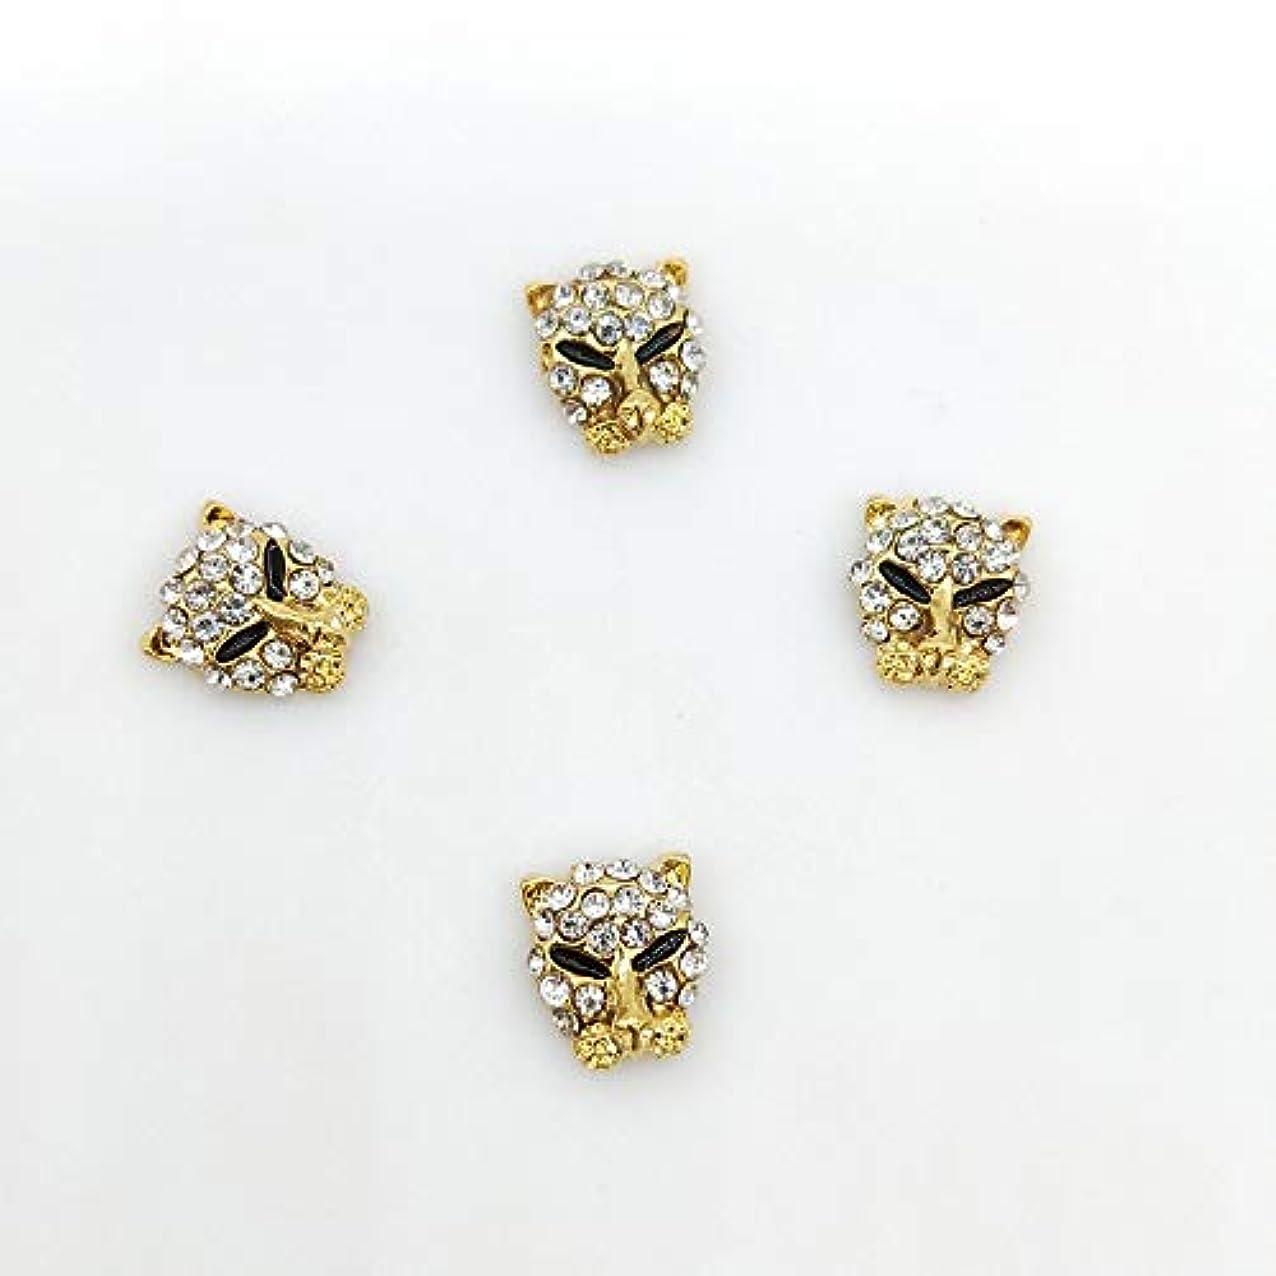 シティ閉塞妨げる10 PCS /バッグクリアラインストーンの釘のジュエリーLeopardの形状ネイルアートの装飾宝石の3D合金ネイルダイヤモンドDIYマニキュア